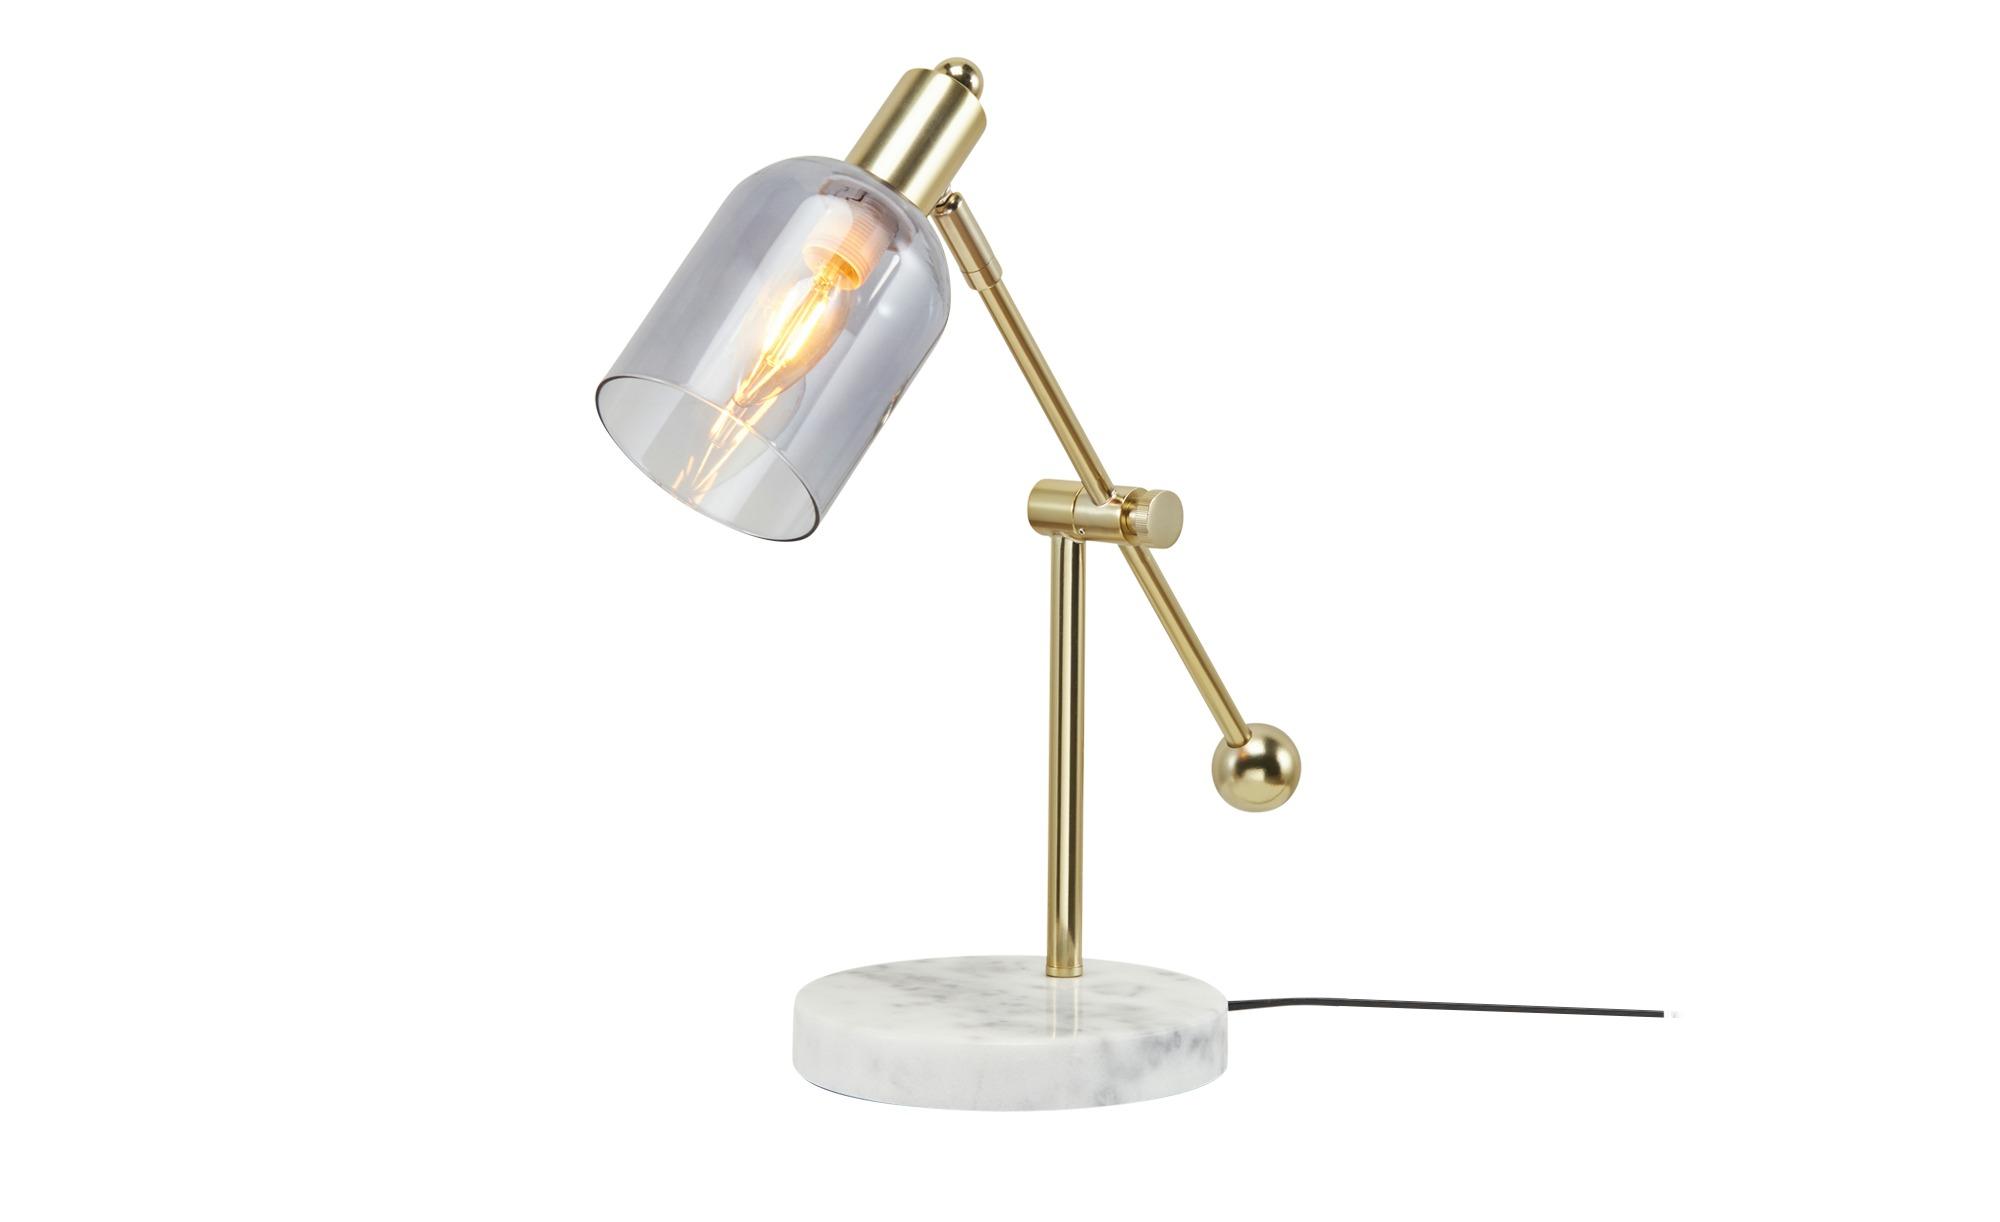 Playboy Schreibtischleuchte  Amber ¦ gold ¦ Maße (cm): B: 17 H: 42 T: 39 Lampen & Leuchten > Innenleuchten > Stehlampen - Höffner